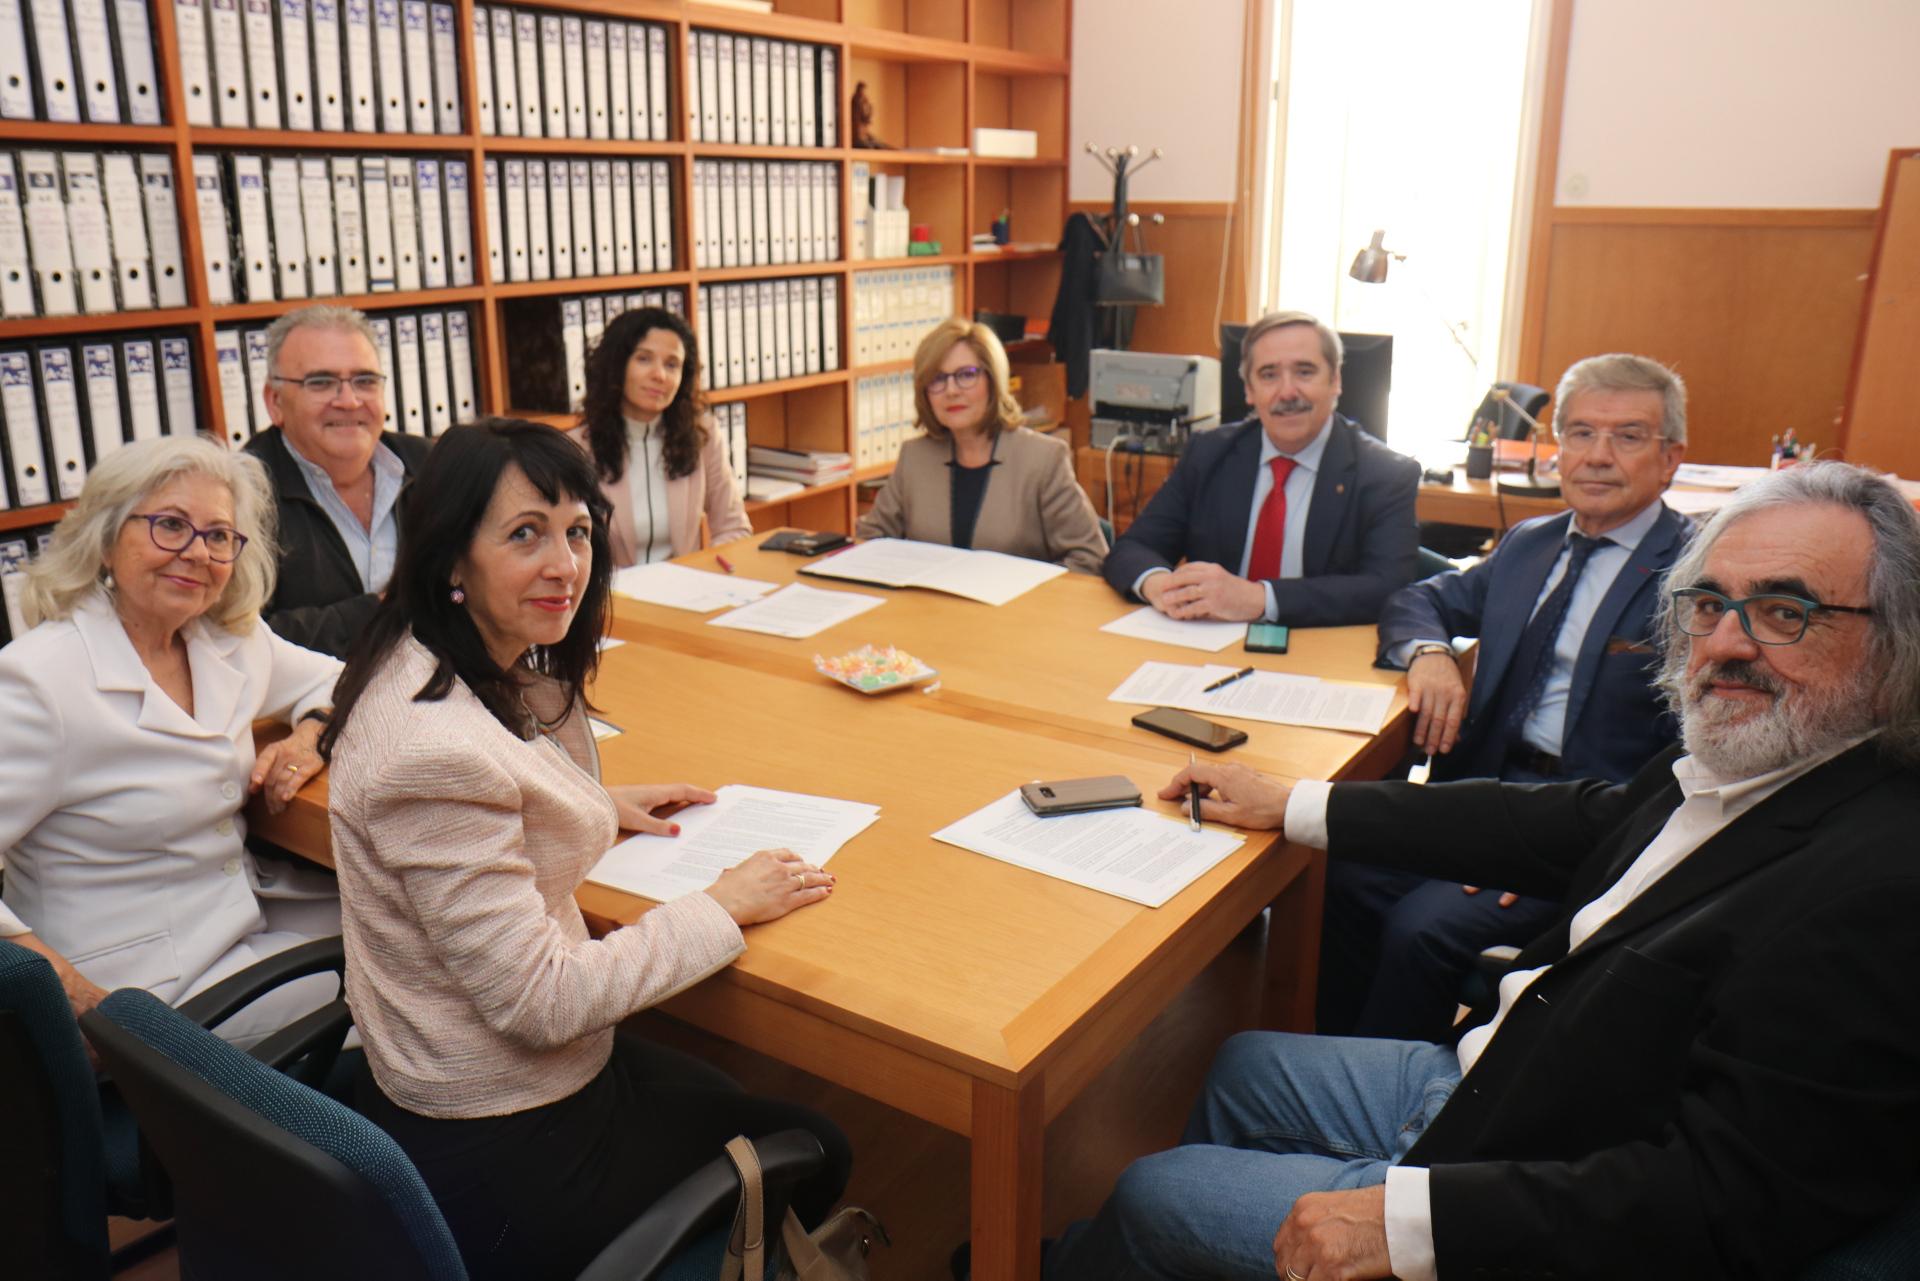 """IMG 1115 - El Instituto ProPatiens junto con la UA y la UMH crean la """"Cátedra del Paciente"""" para formar y profesionalizar a las Asociaciones de Pacientes"""